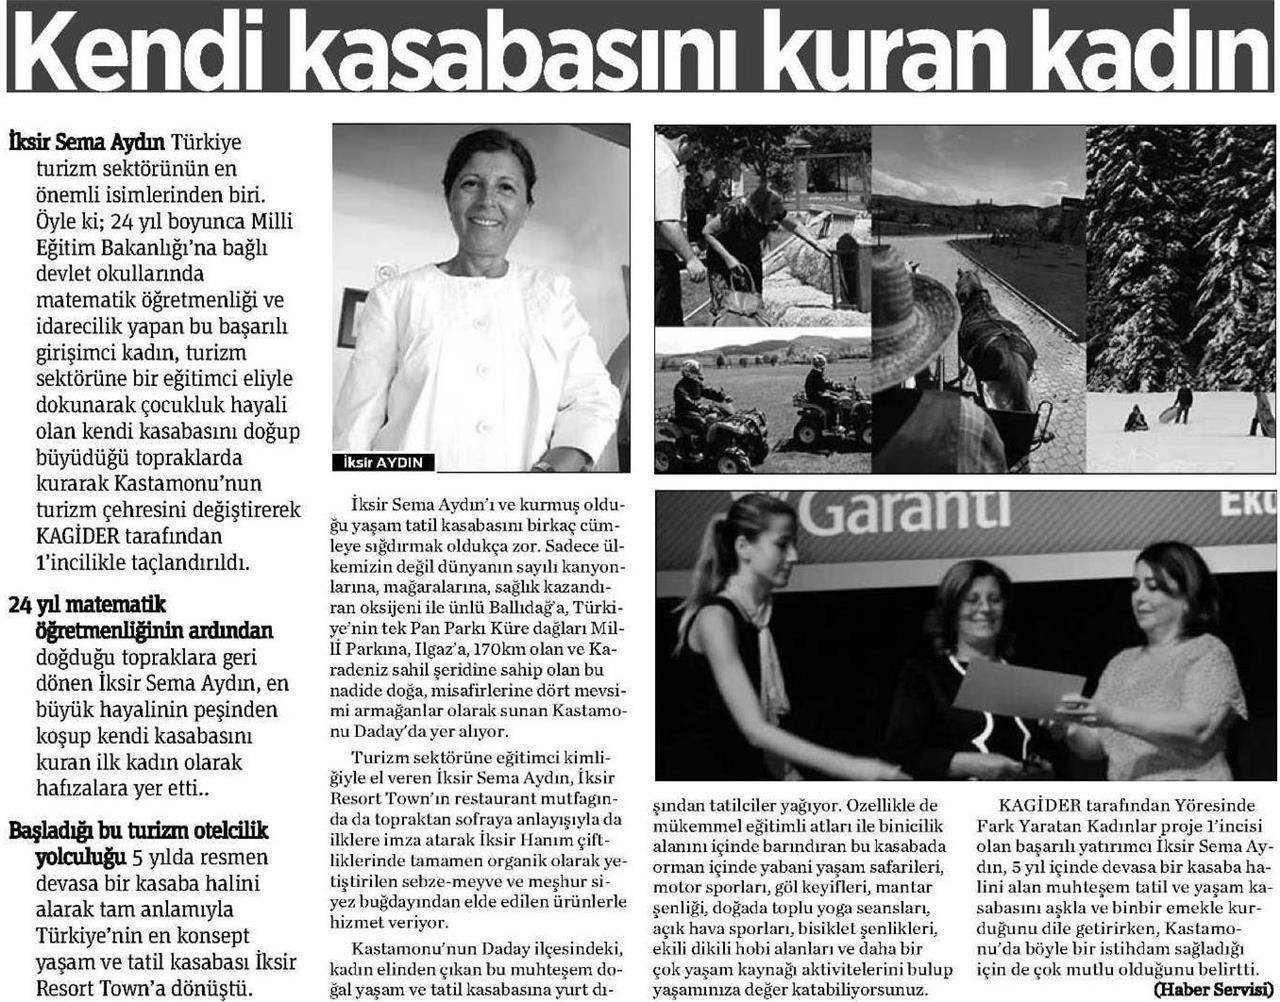 Kastamonu Gazetesi - 20 Ocak 2016